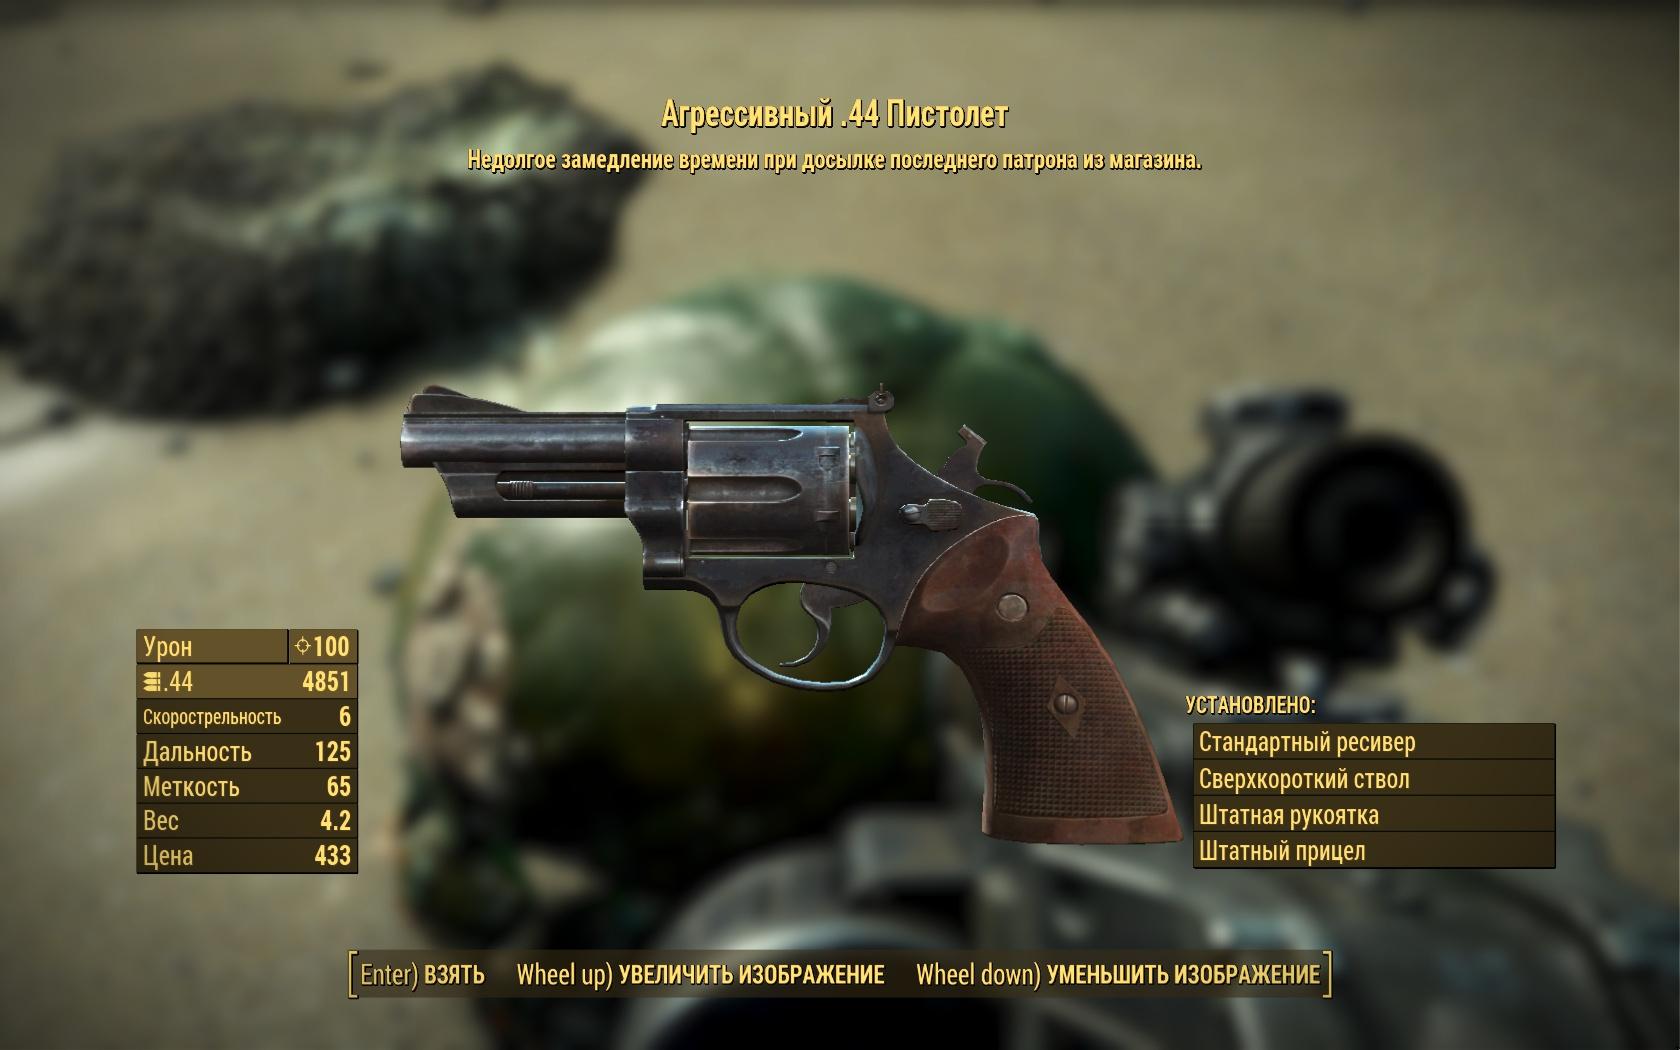 Агрессивный .44 пистолет - Fallout 4 .44, Агрессивный, Оружие